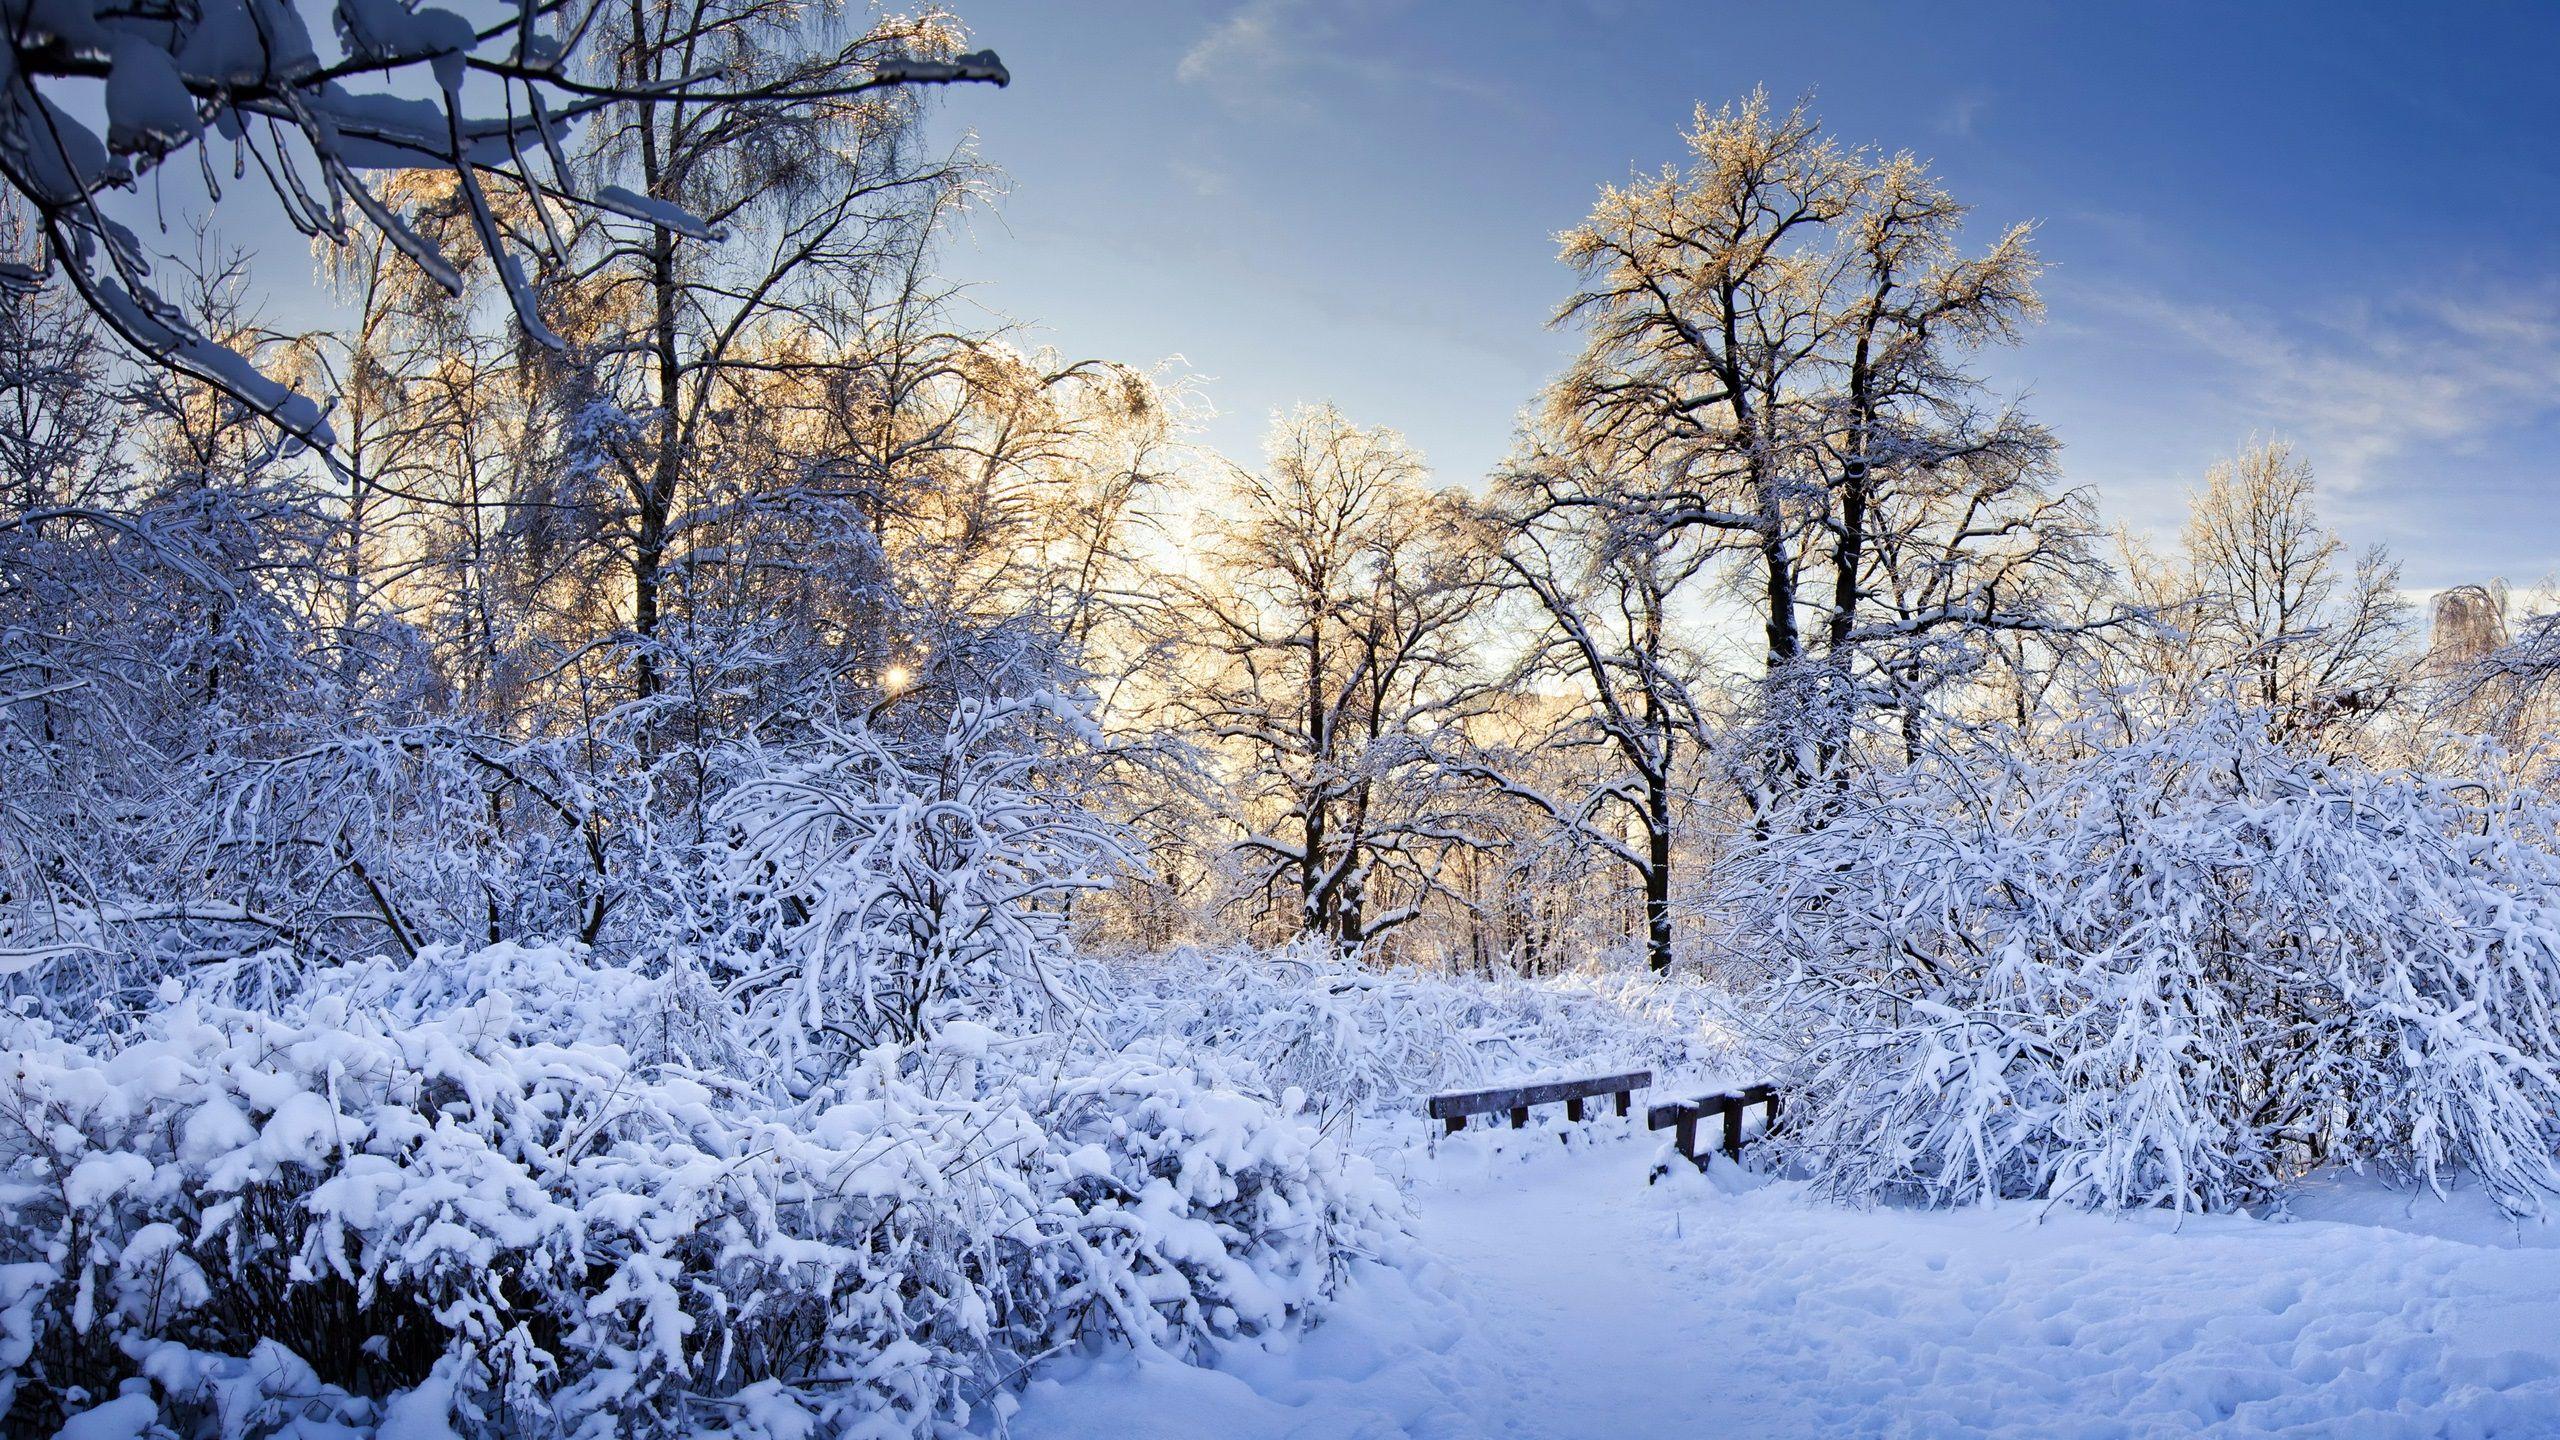 Neige épaisse, arbres, branches, hiver, les rayons du